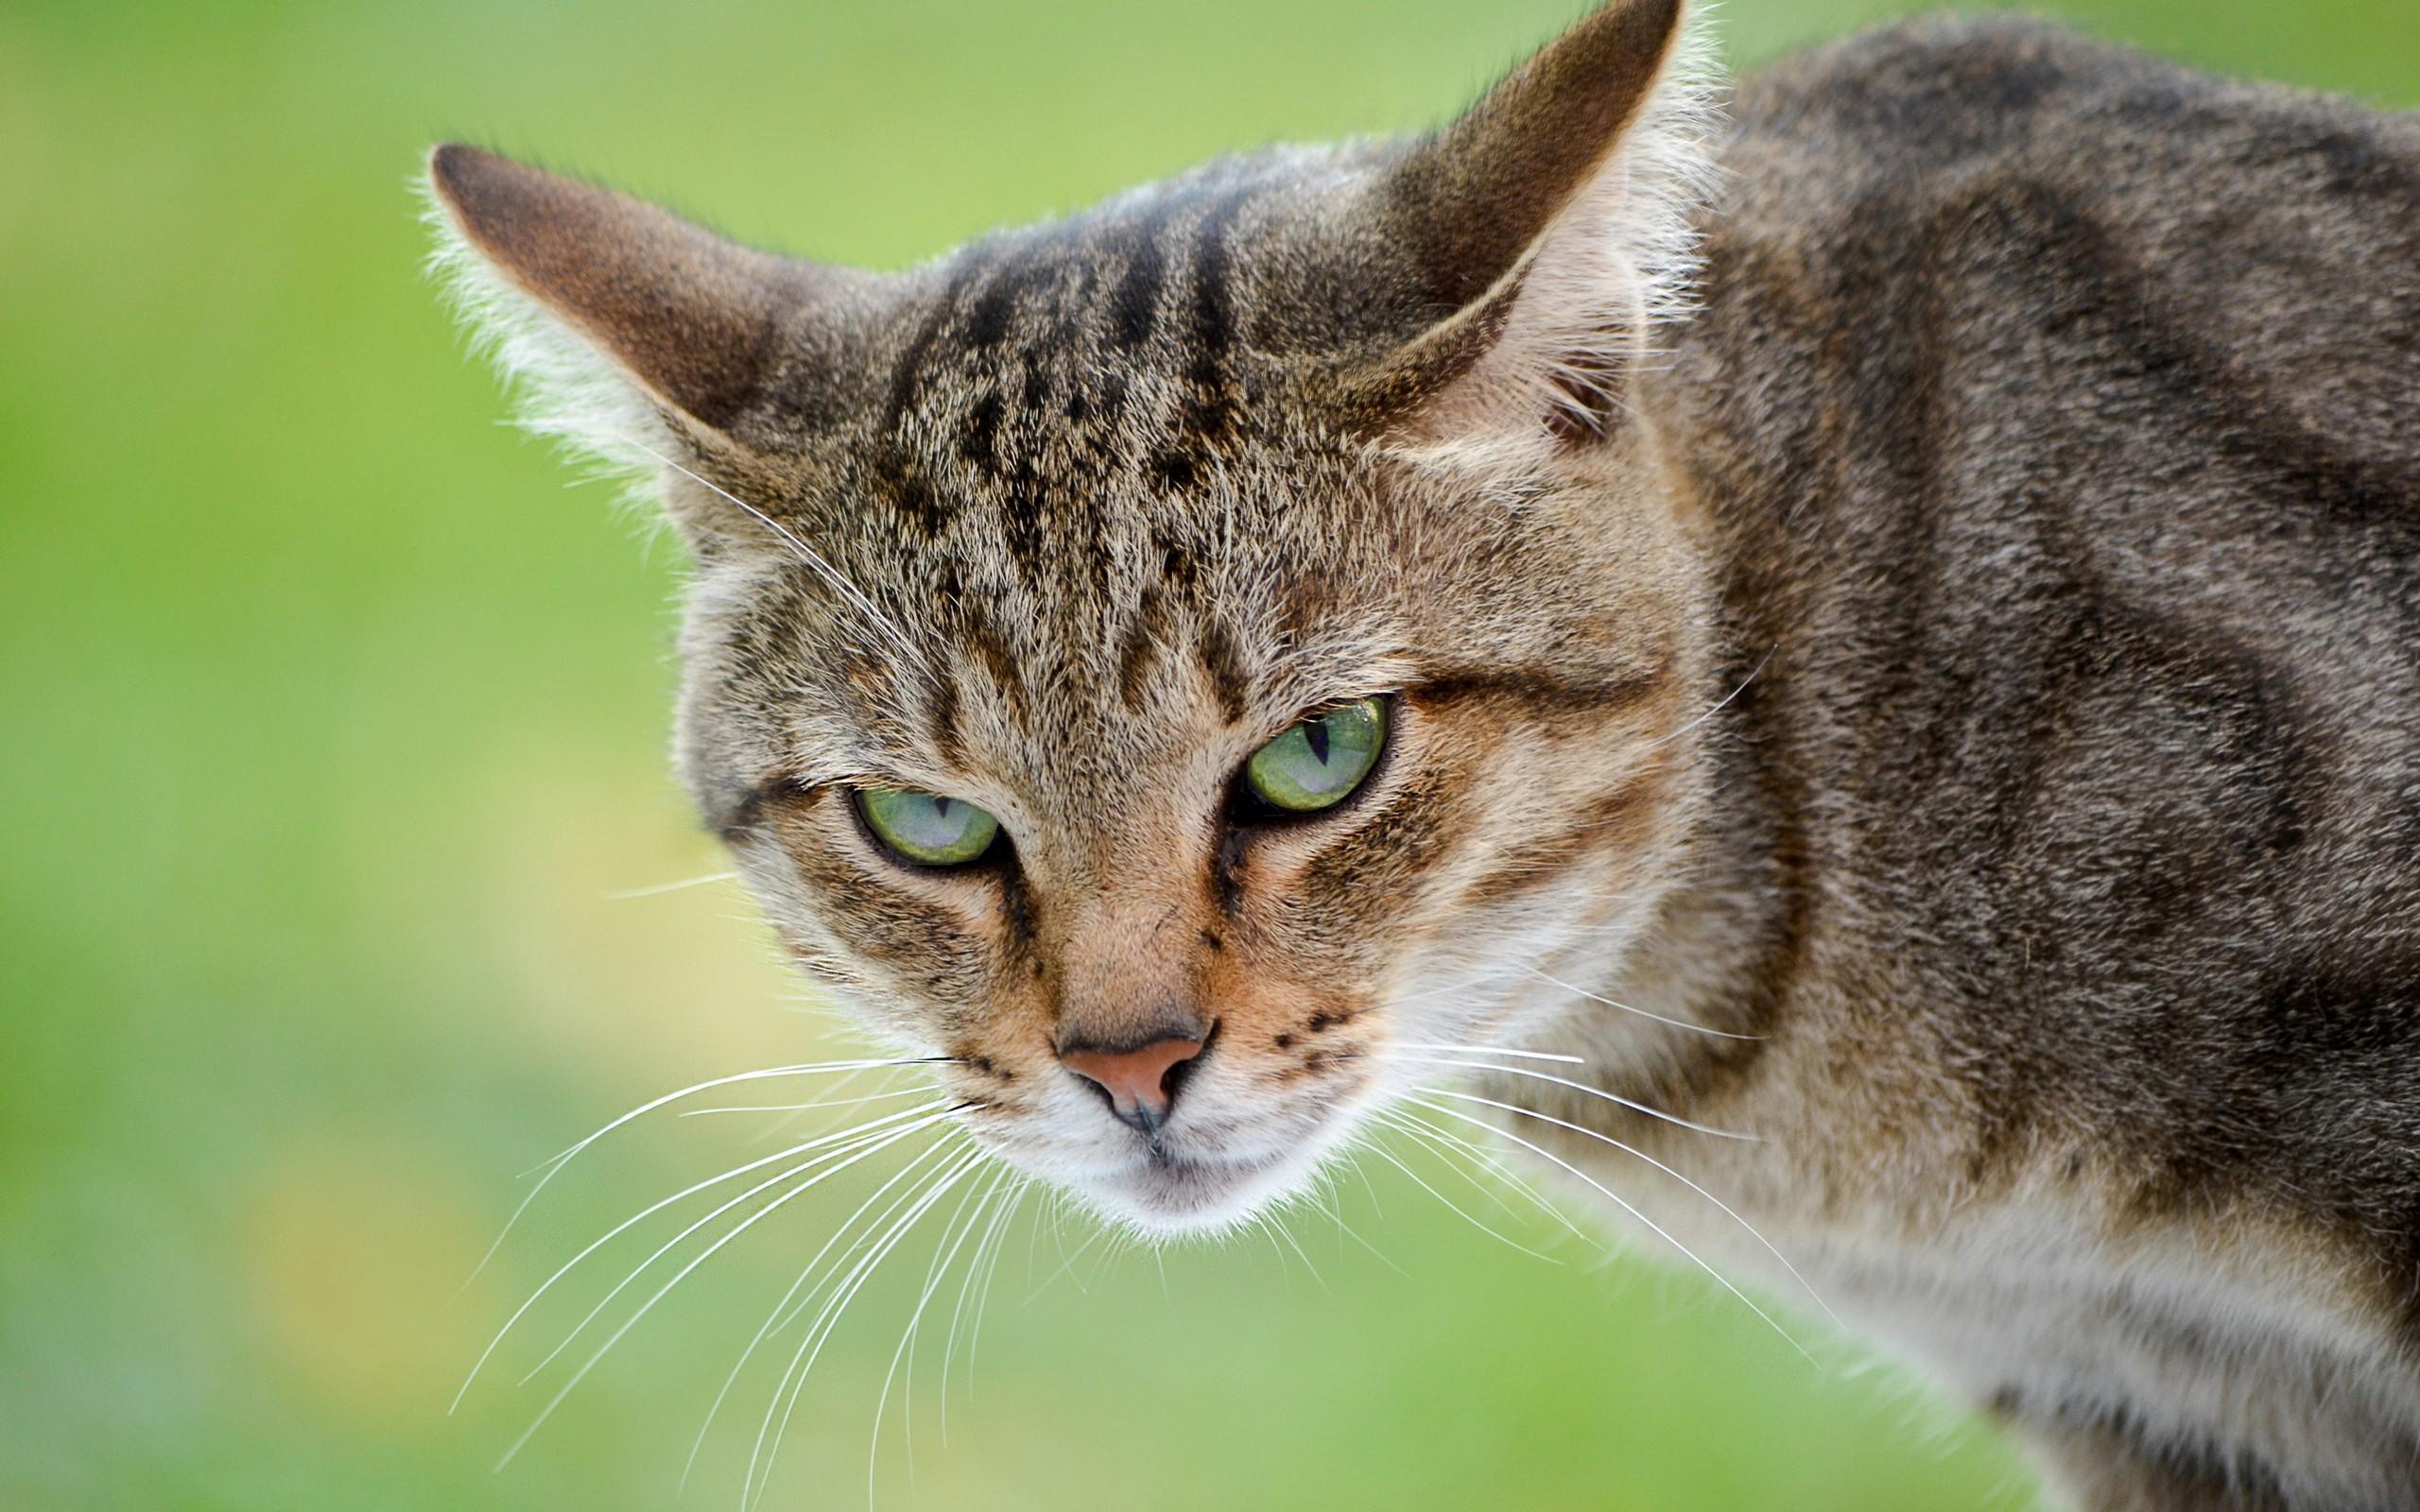 Un gato - 2560x1600